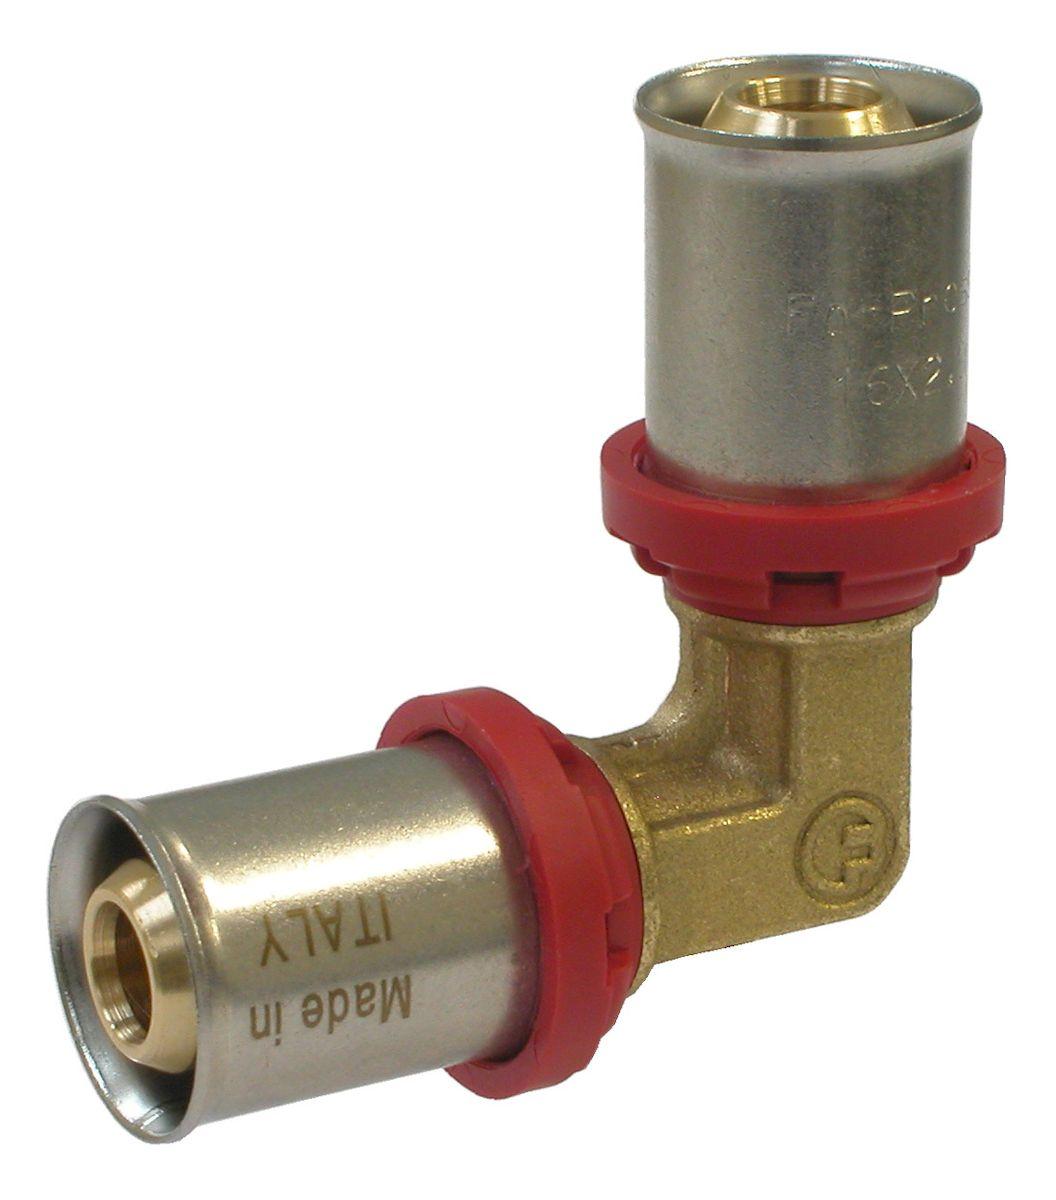 Уголок Fornara под пресс, п - п, 16 x 1630649Уголок Fornara предназначен для соединения металлопластиковых труб с помощью разводного ключа. Соединение получается разъемным, что позволяет при необходимости заменять уплотнительные кольца, а также производить обслуживание участка трубопровода.